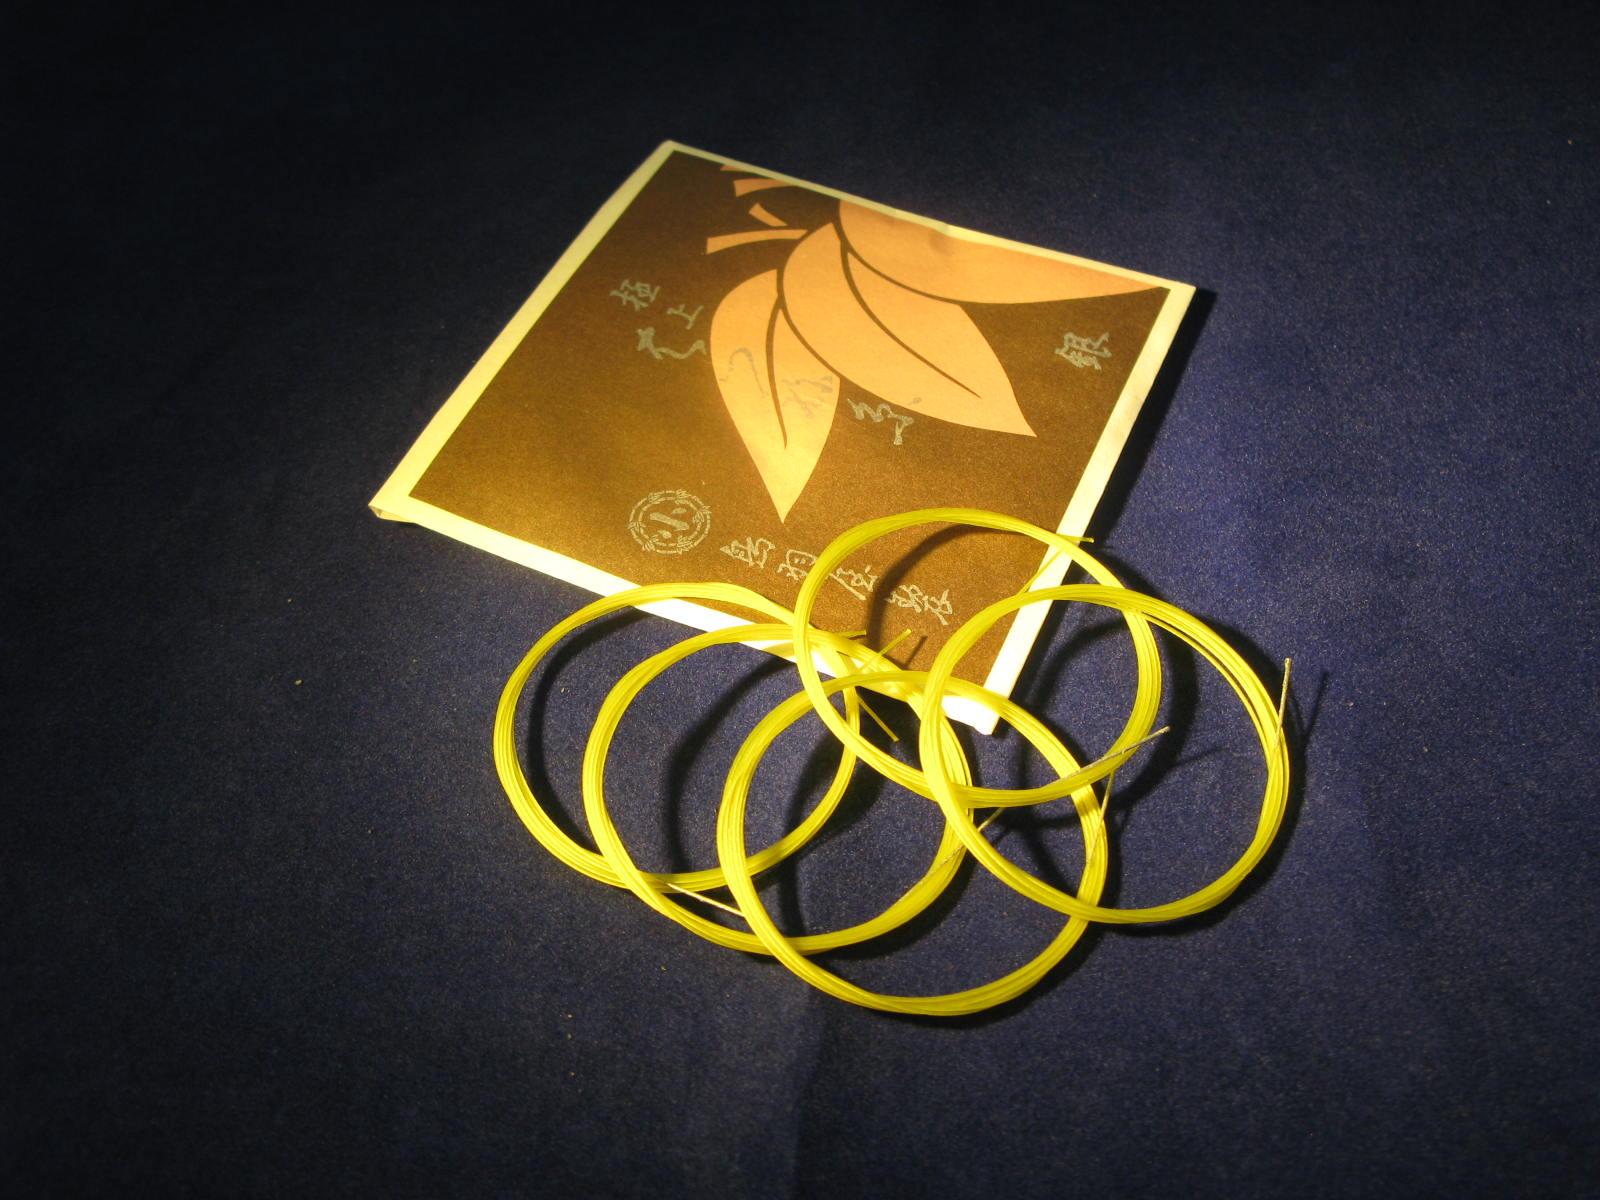 【三味線糸】はつね糸 三の糸(5本) 太さ16〜12 【送料込み】